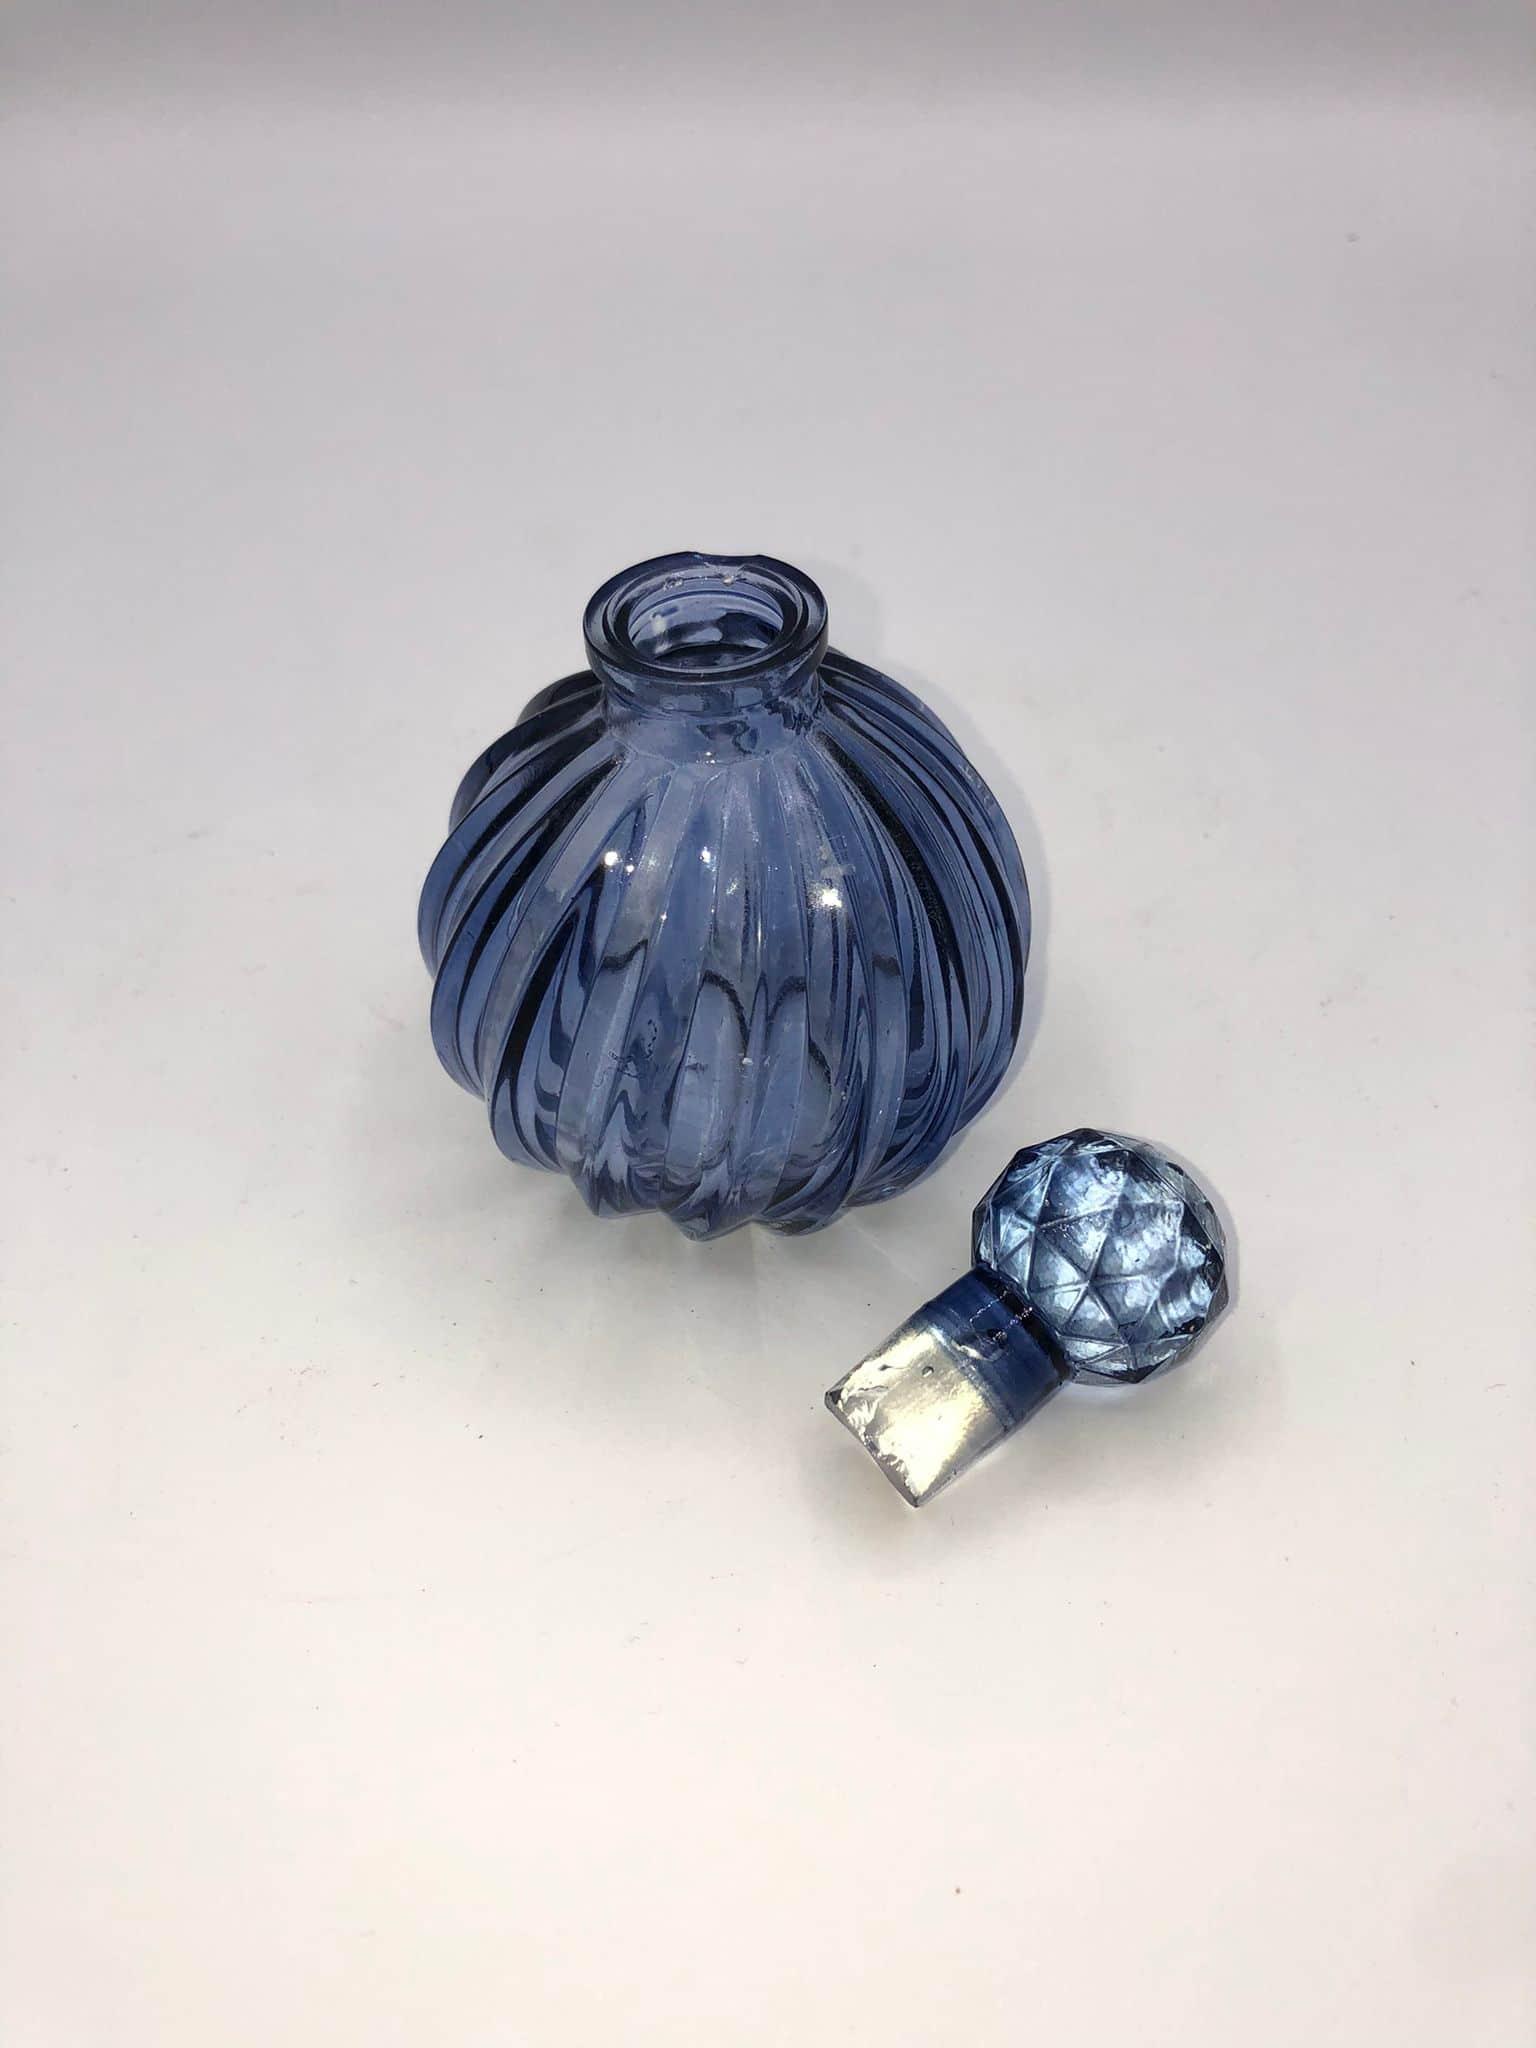 Frasco perfume azul 1